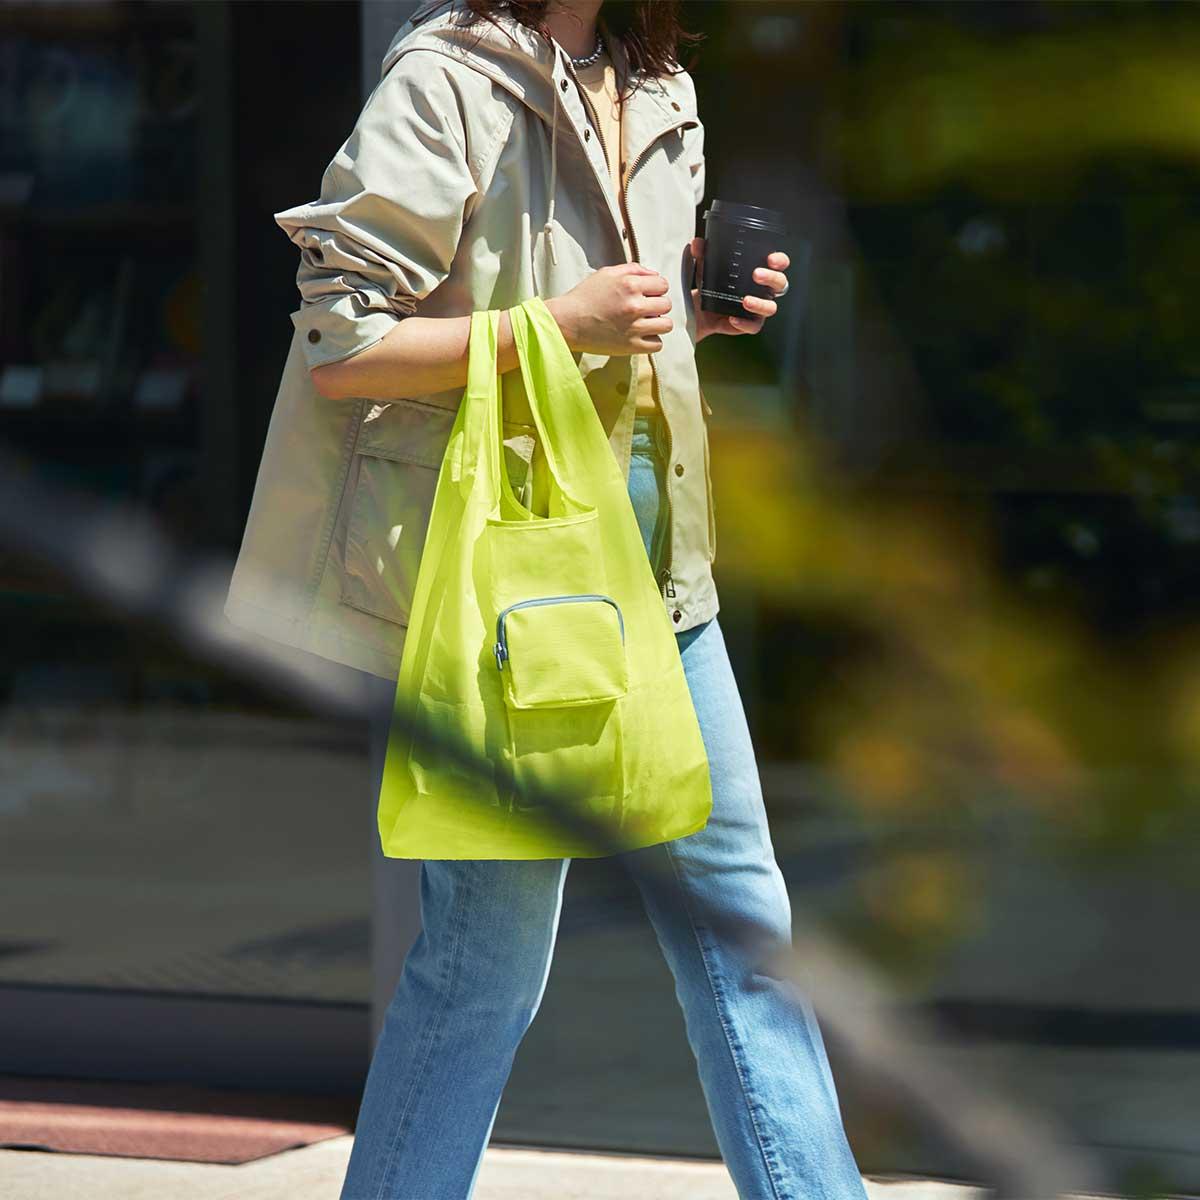 ファスナー付きポケットを裏返せば、そのままスリムな収納ポーチに。薄いから、上着や鞄のポケットの中でかさ張りません。ファッションに合わせて選べる豊富なカラー展開。スマートに持ち歩ける折りたたみエコバッグ|KATOKOA